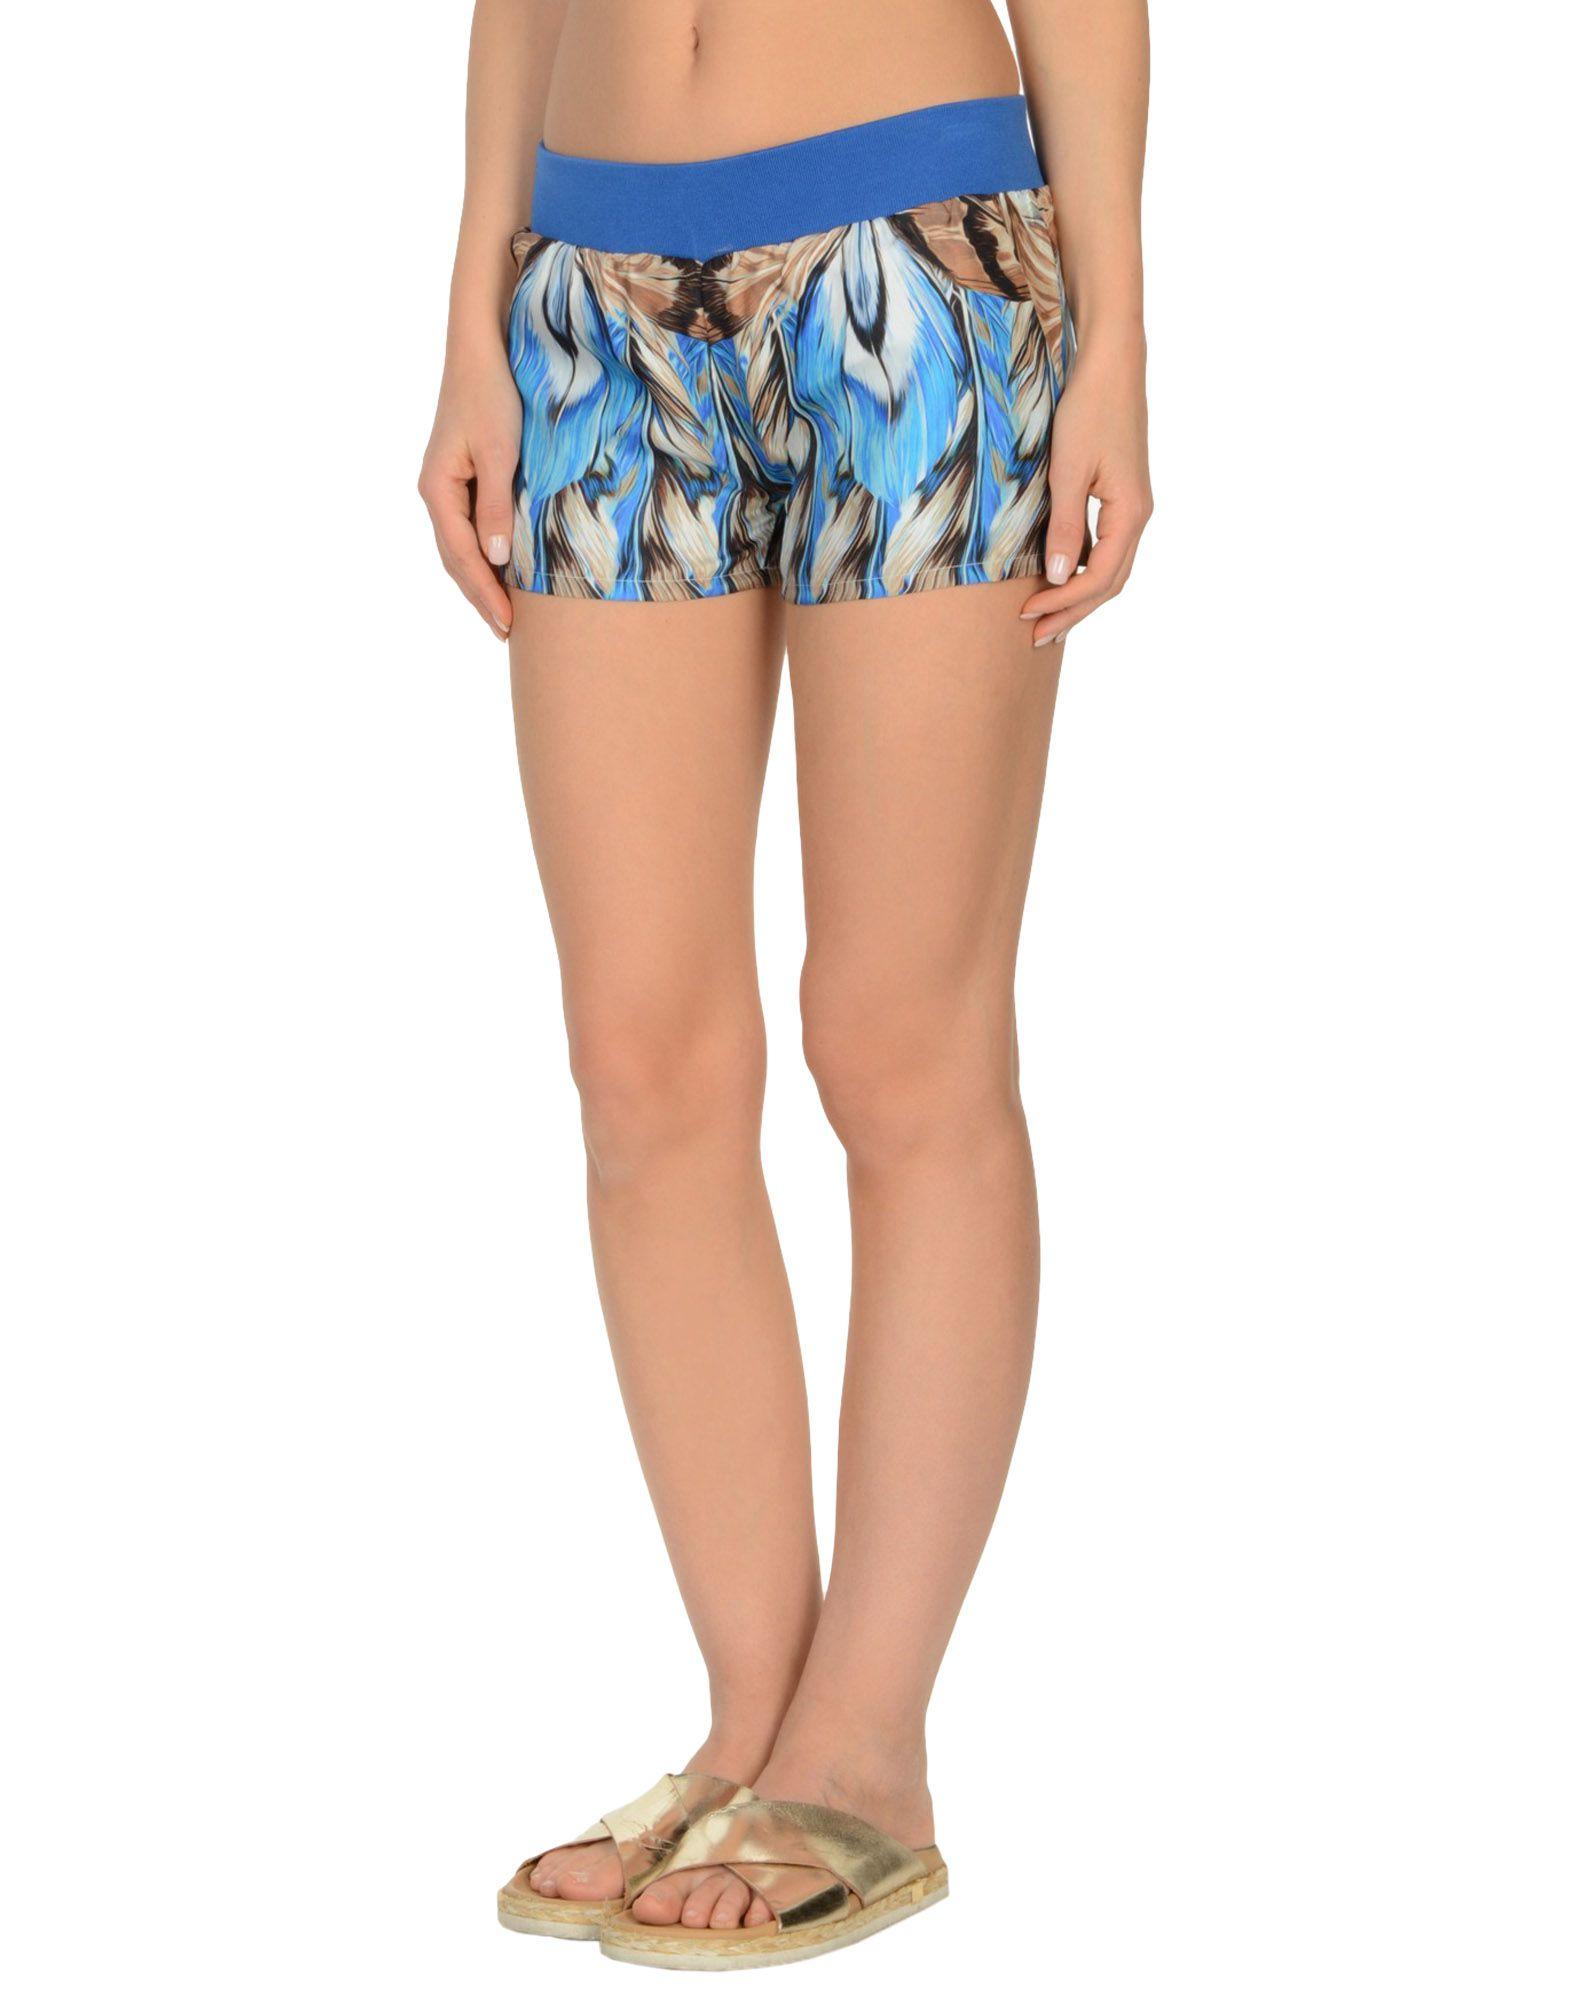 Copricostume Roberto Cavalli Beachwear Donna - Acquista online su HX0PFM